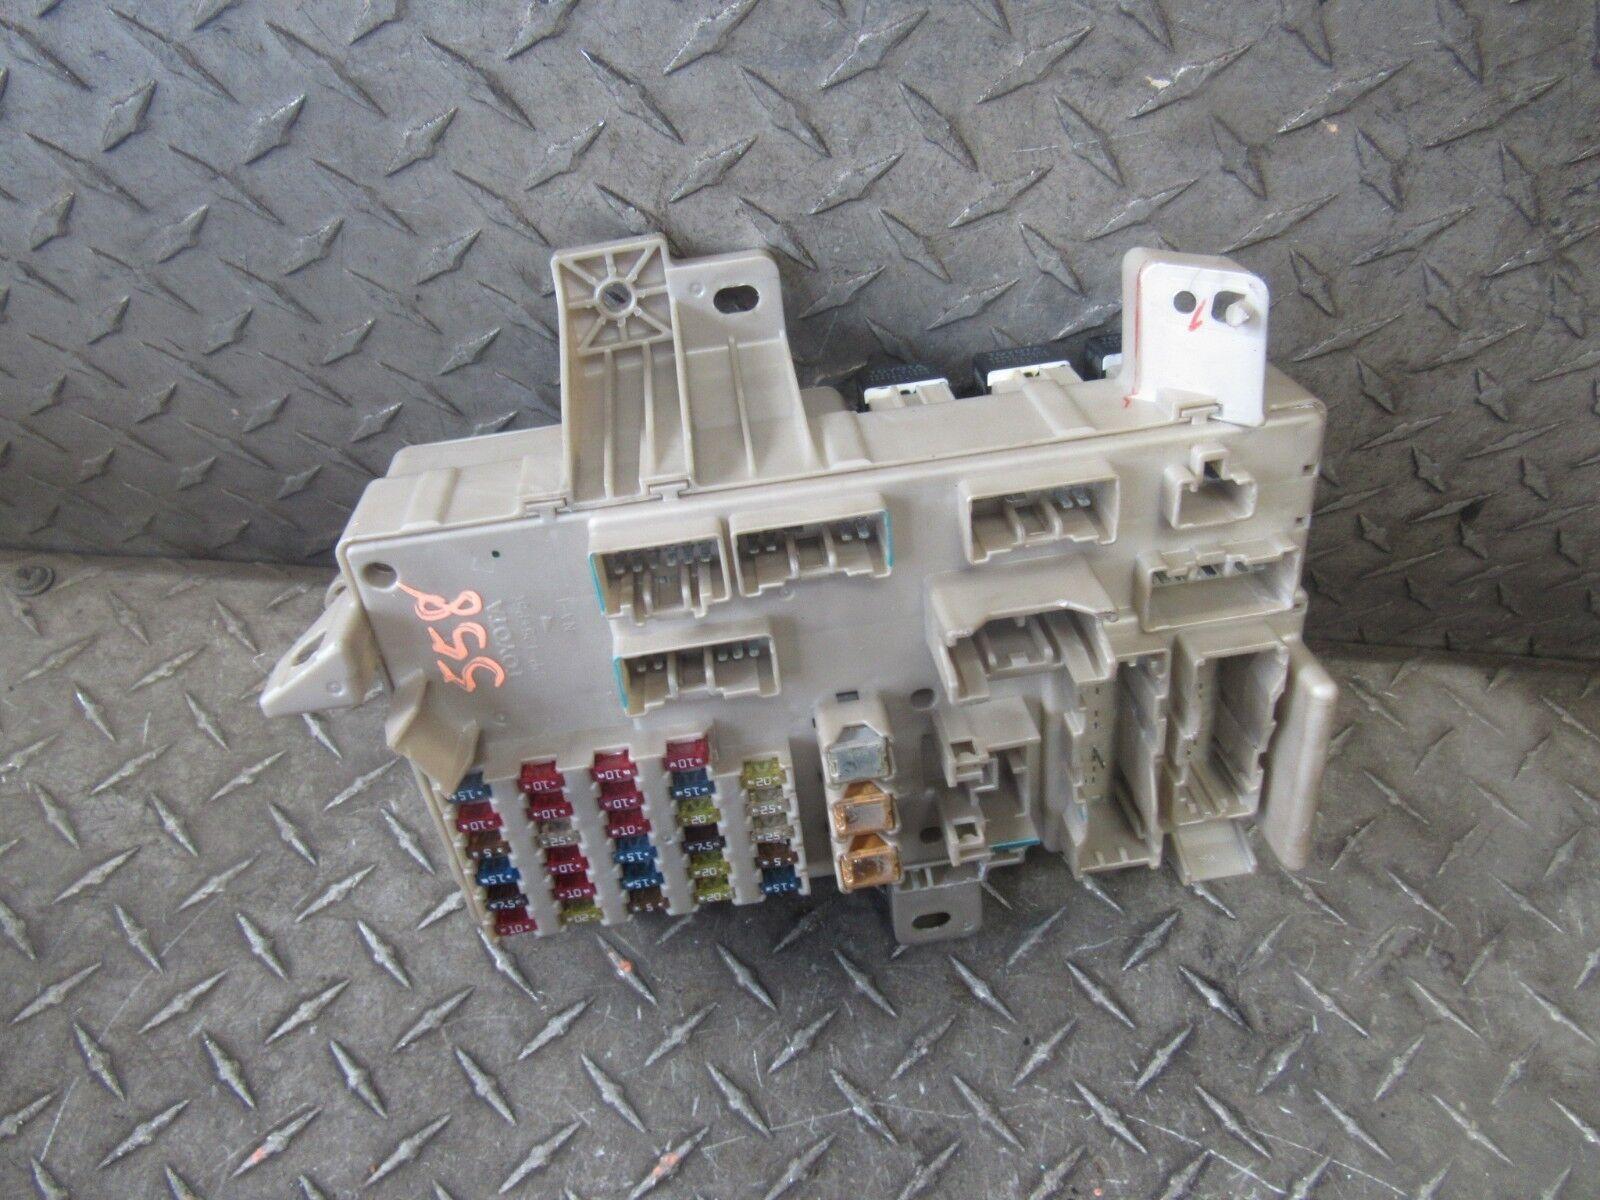 2002 LEXUS ES300 FUSE BOX INTERIOR 82730-3340-A38 V3.0L 6CYL